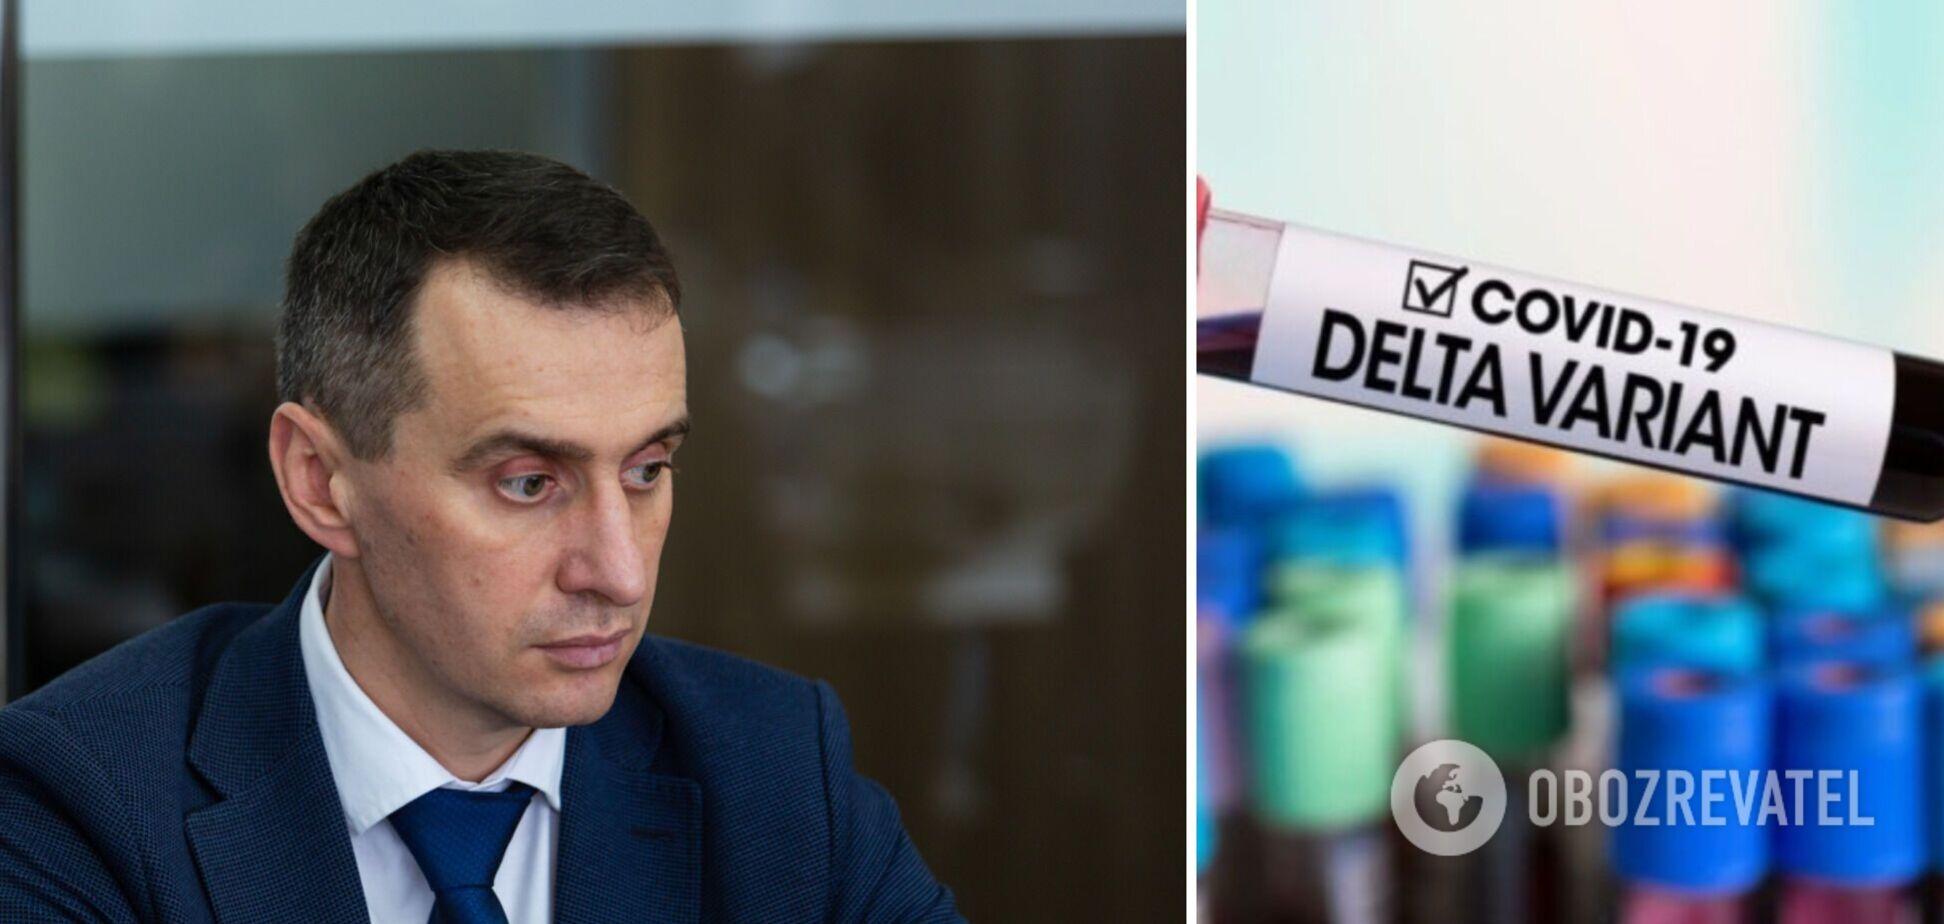 Вспышка Дельты в Украине напоминает начало пандемии в Италии, – Ляшко